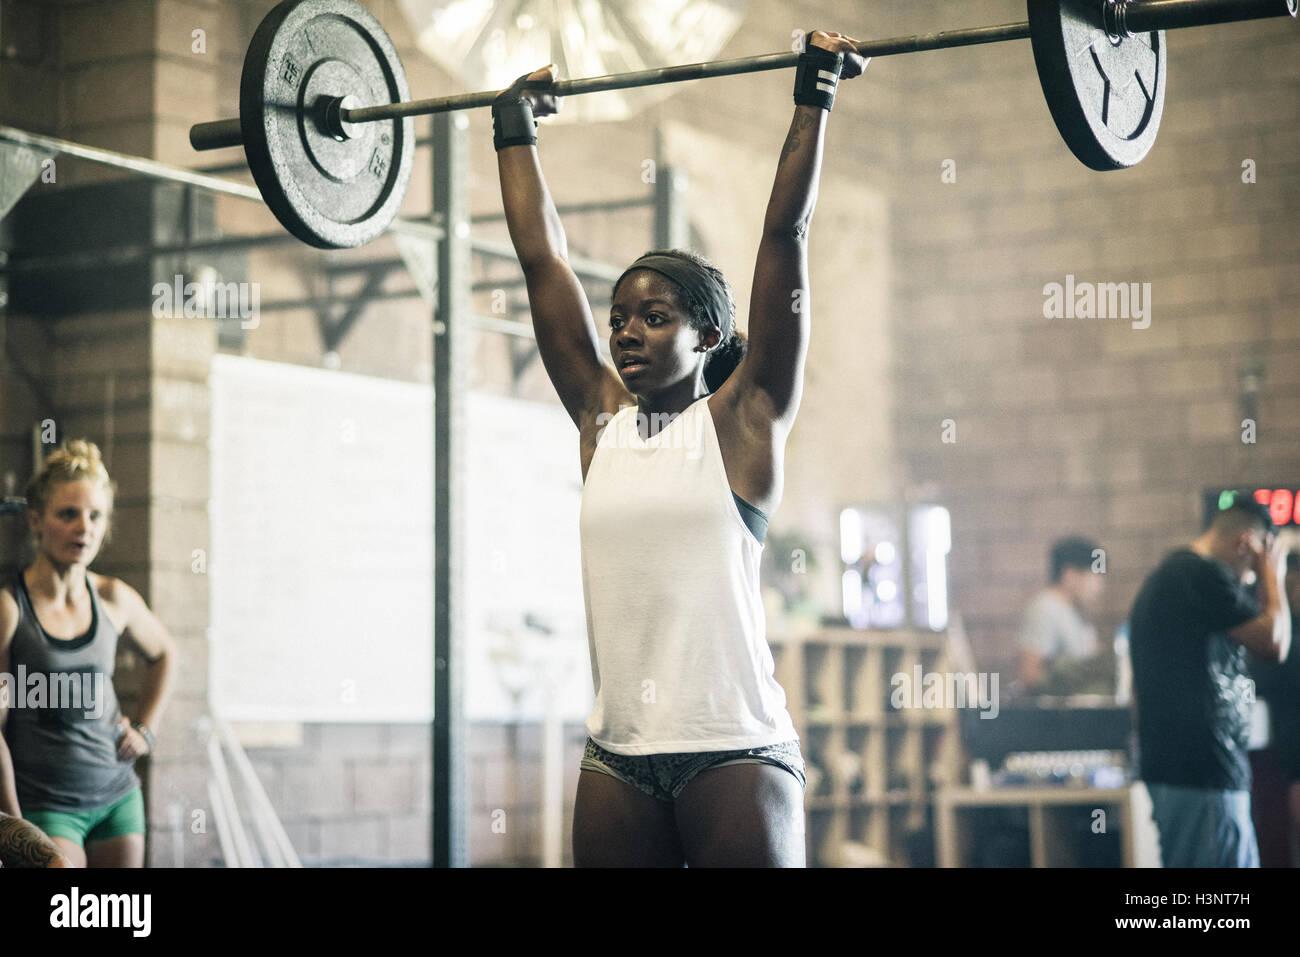 L'entraînement d'haltères de levage de l'athlète en sport Photo Stock